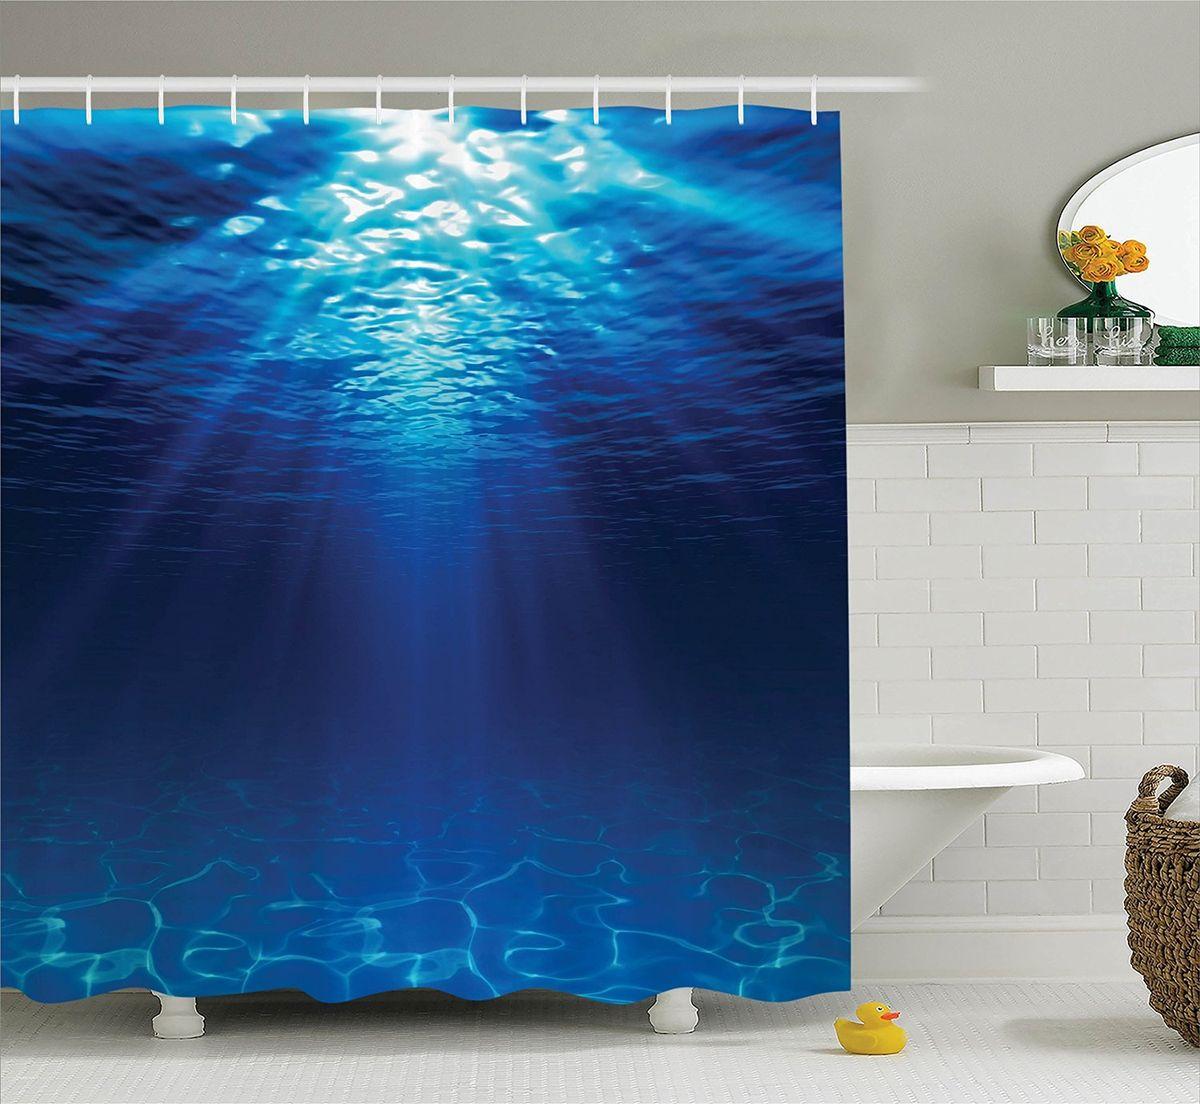 """Штора Magic Lady """"Синее море"""", изготовленная из высококачественного сатена (полиэстер 100%), отлично дополнит любой интерьер ванной комнаты. При изготовлении используются специальные гипоаллергенные чернила для прямой печати по ткани, безопасные для человека.    В комплекте: 1 штора, 12 крючков. Обращаем ваше внимание, фактический цвет изделия может незначительно отличаться от представленного на фото."""